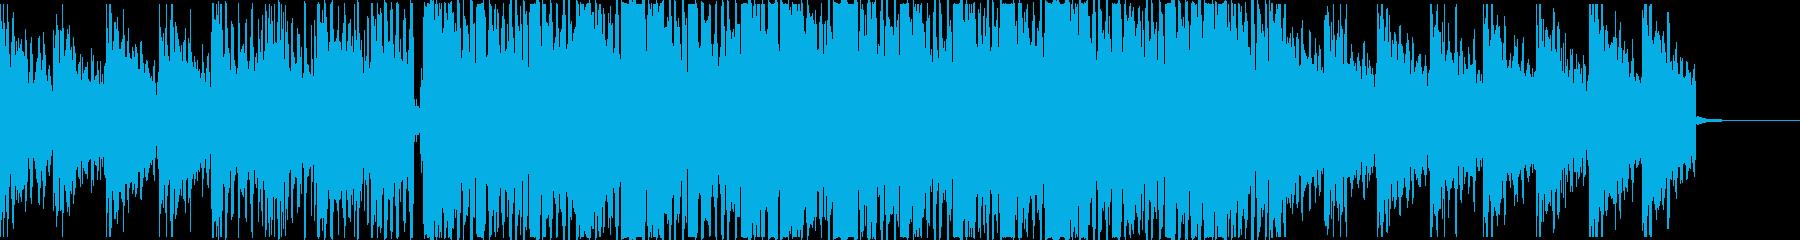 これぞ歪んだヒップホップの再生済みの波形